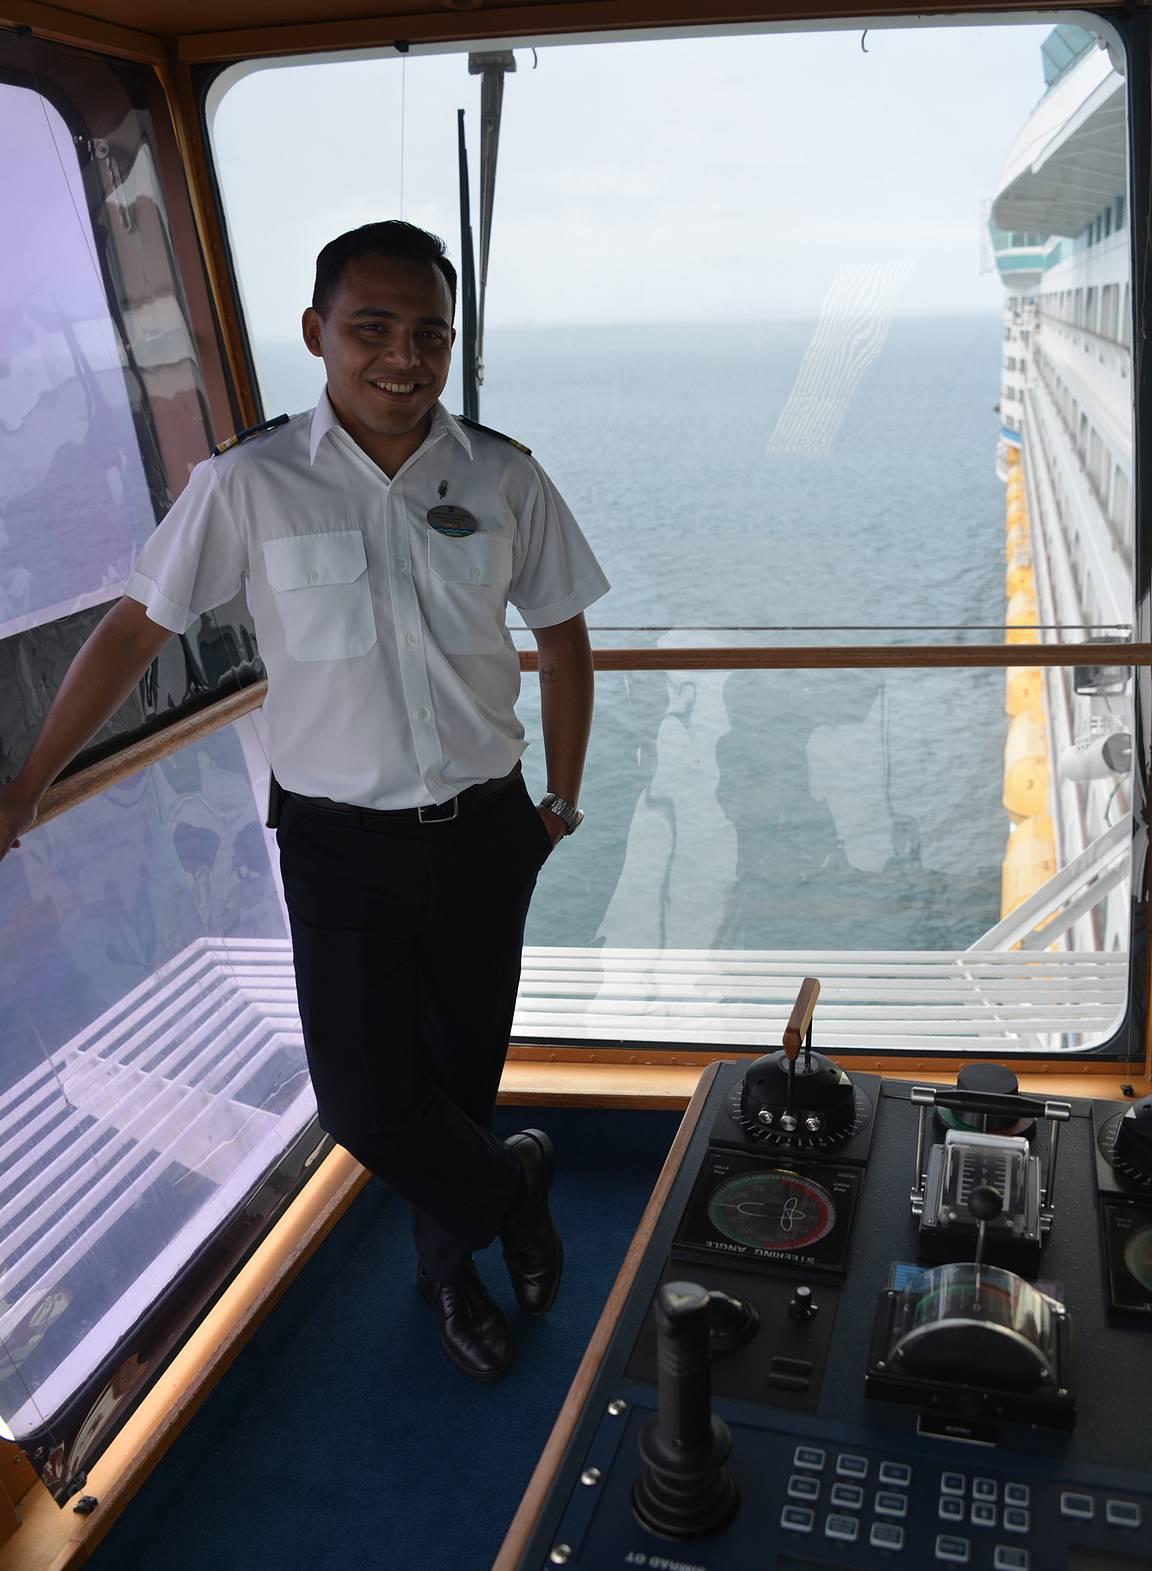 Laiva ohjataan laituriin ja sieltä pois komentosillan sivuista, jotka ovat selvästi yli laivan reunan.